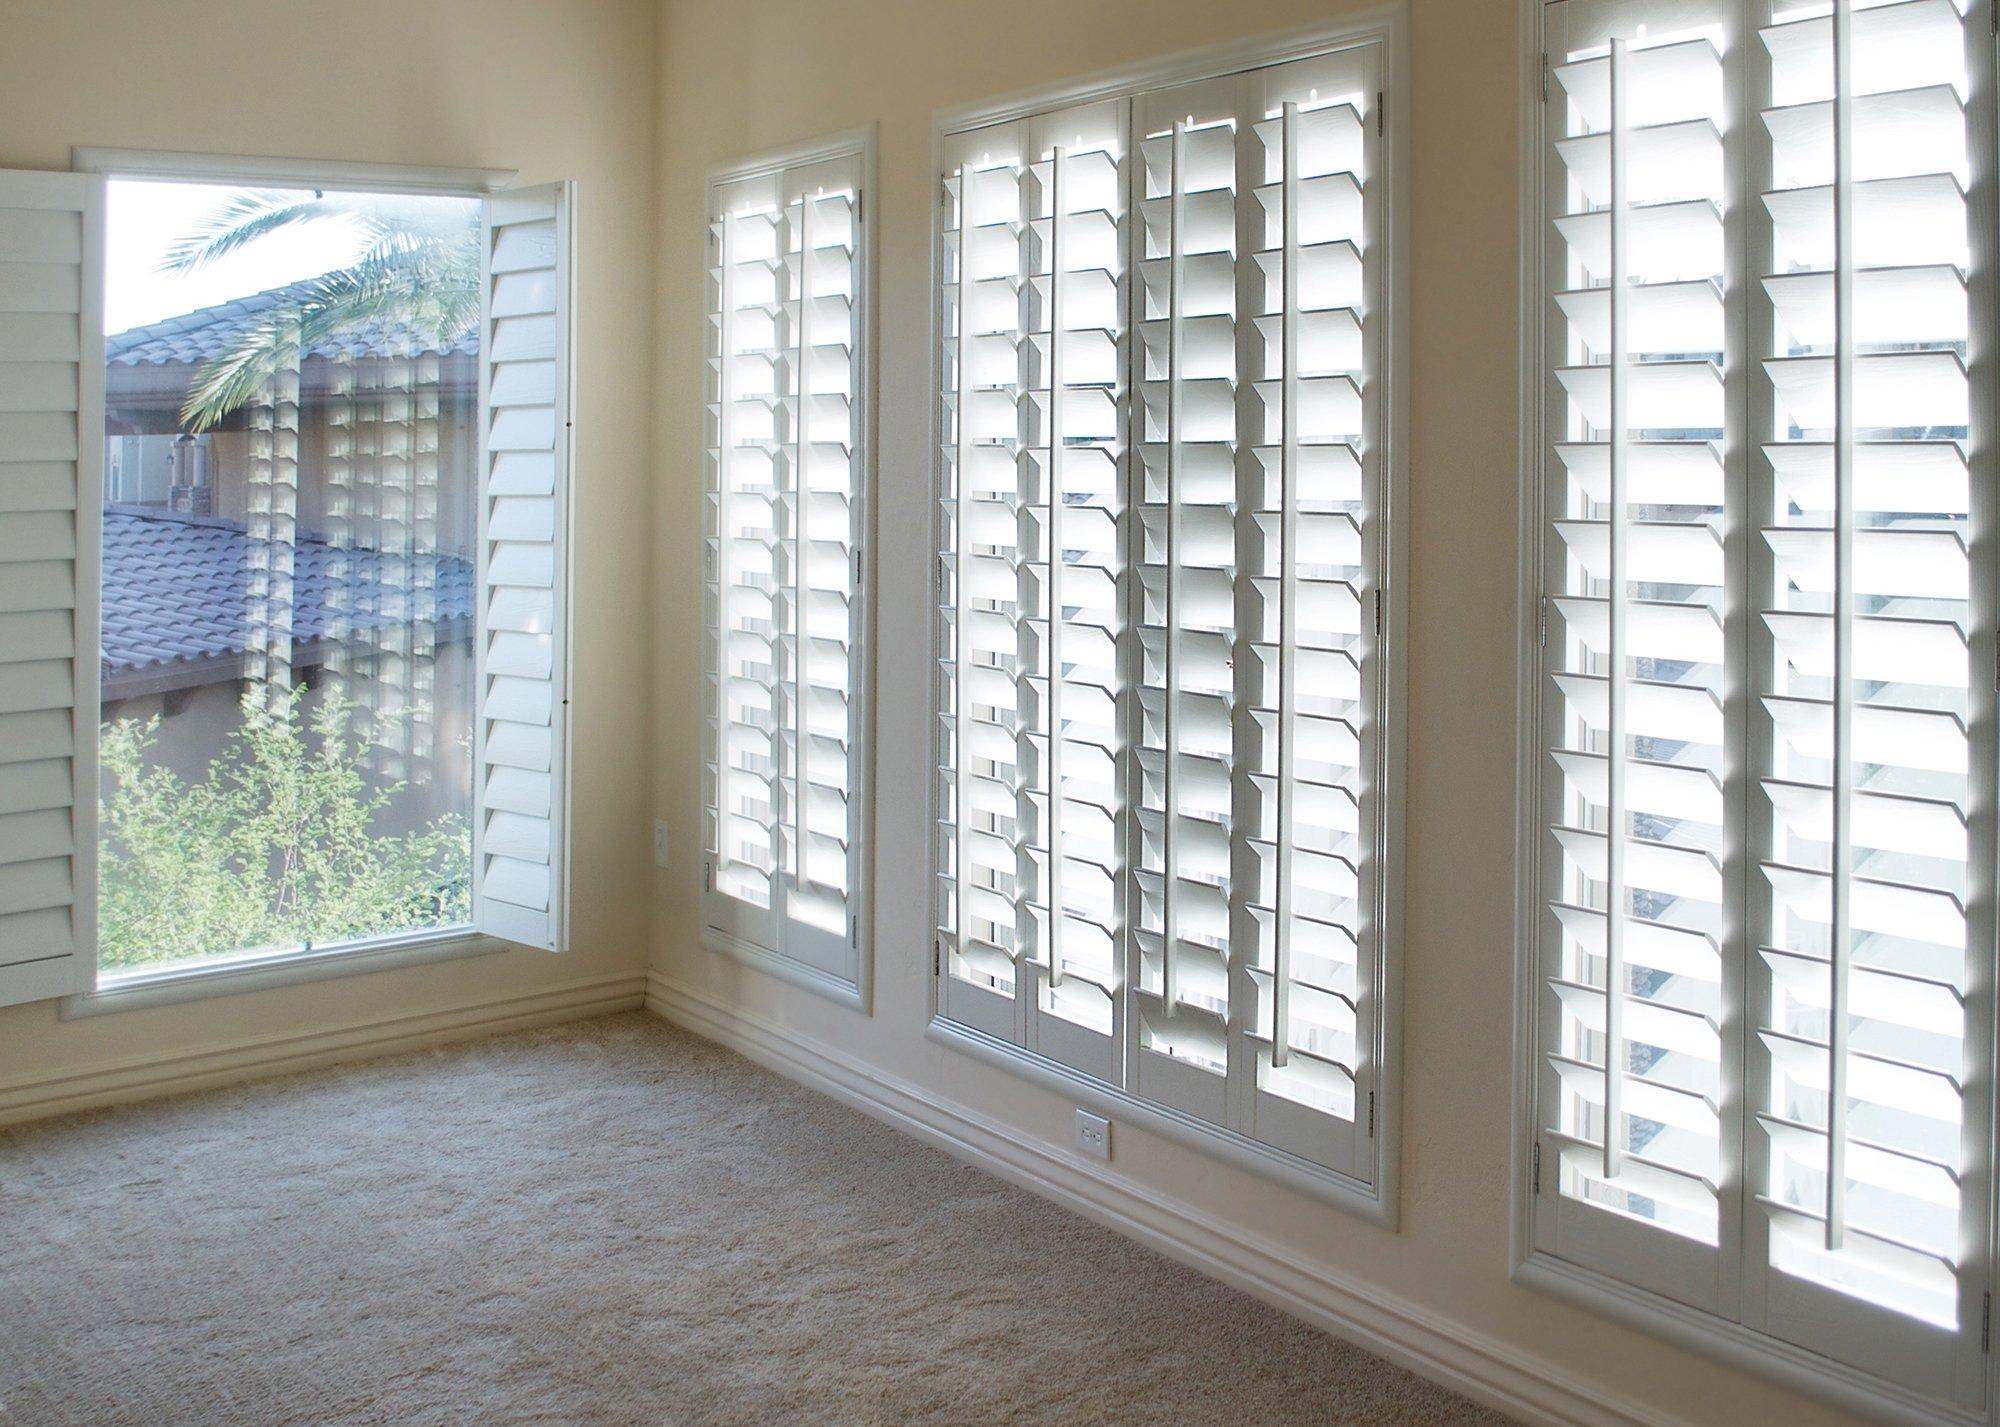 Shutter window coverings